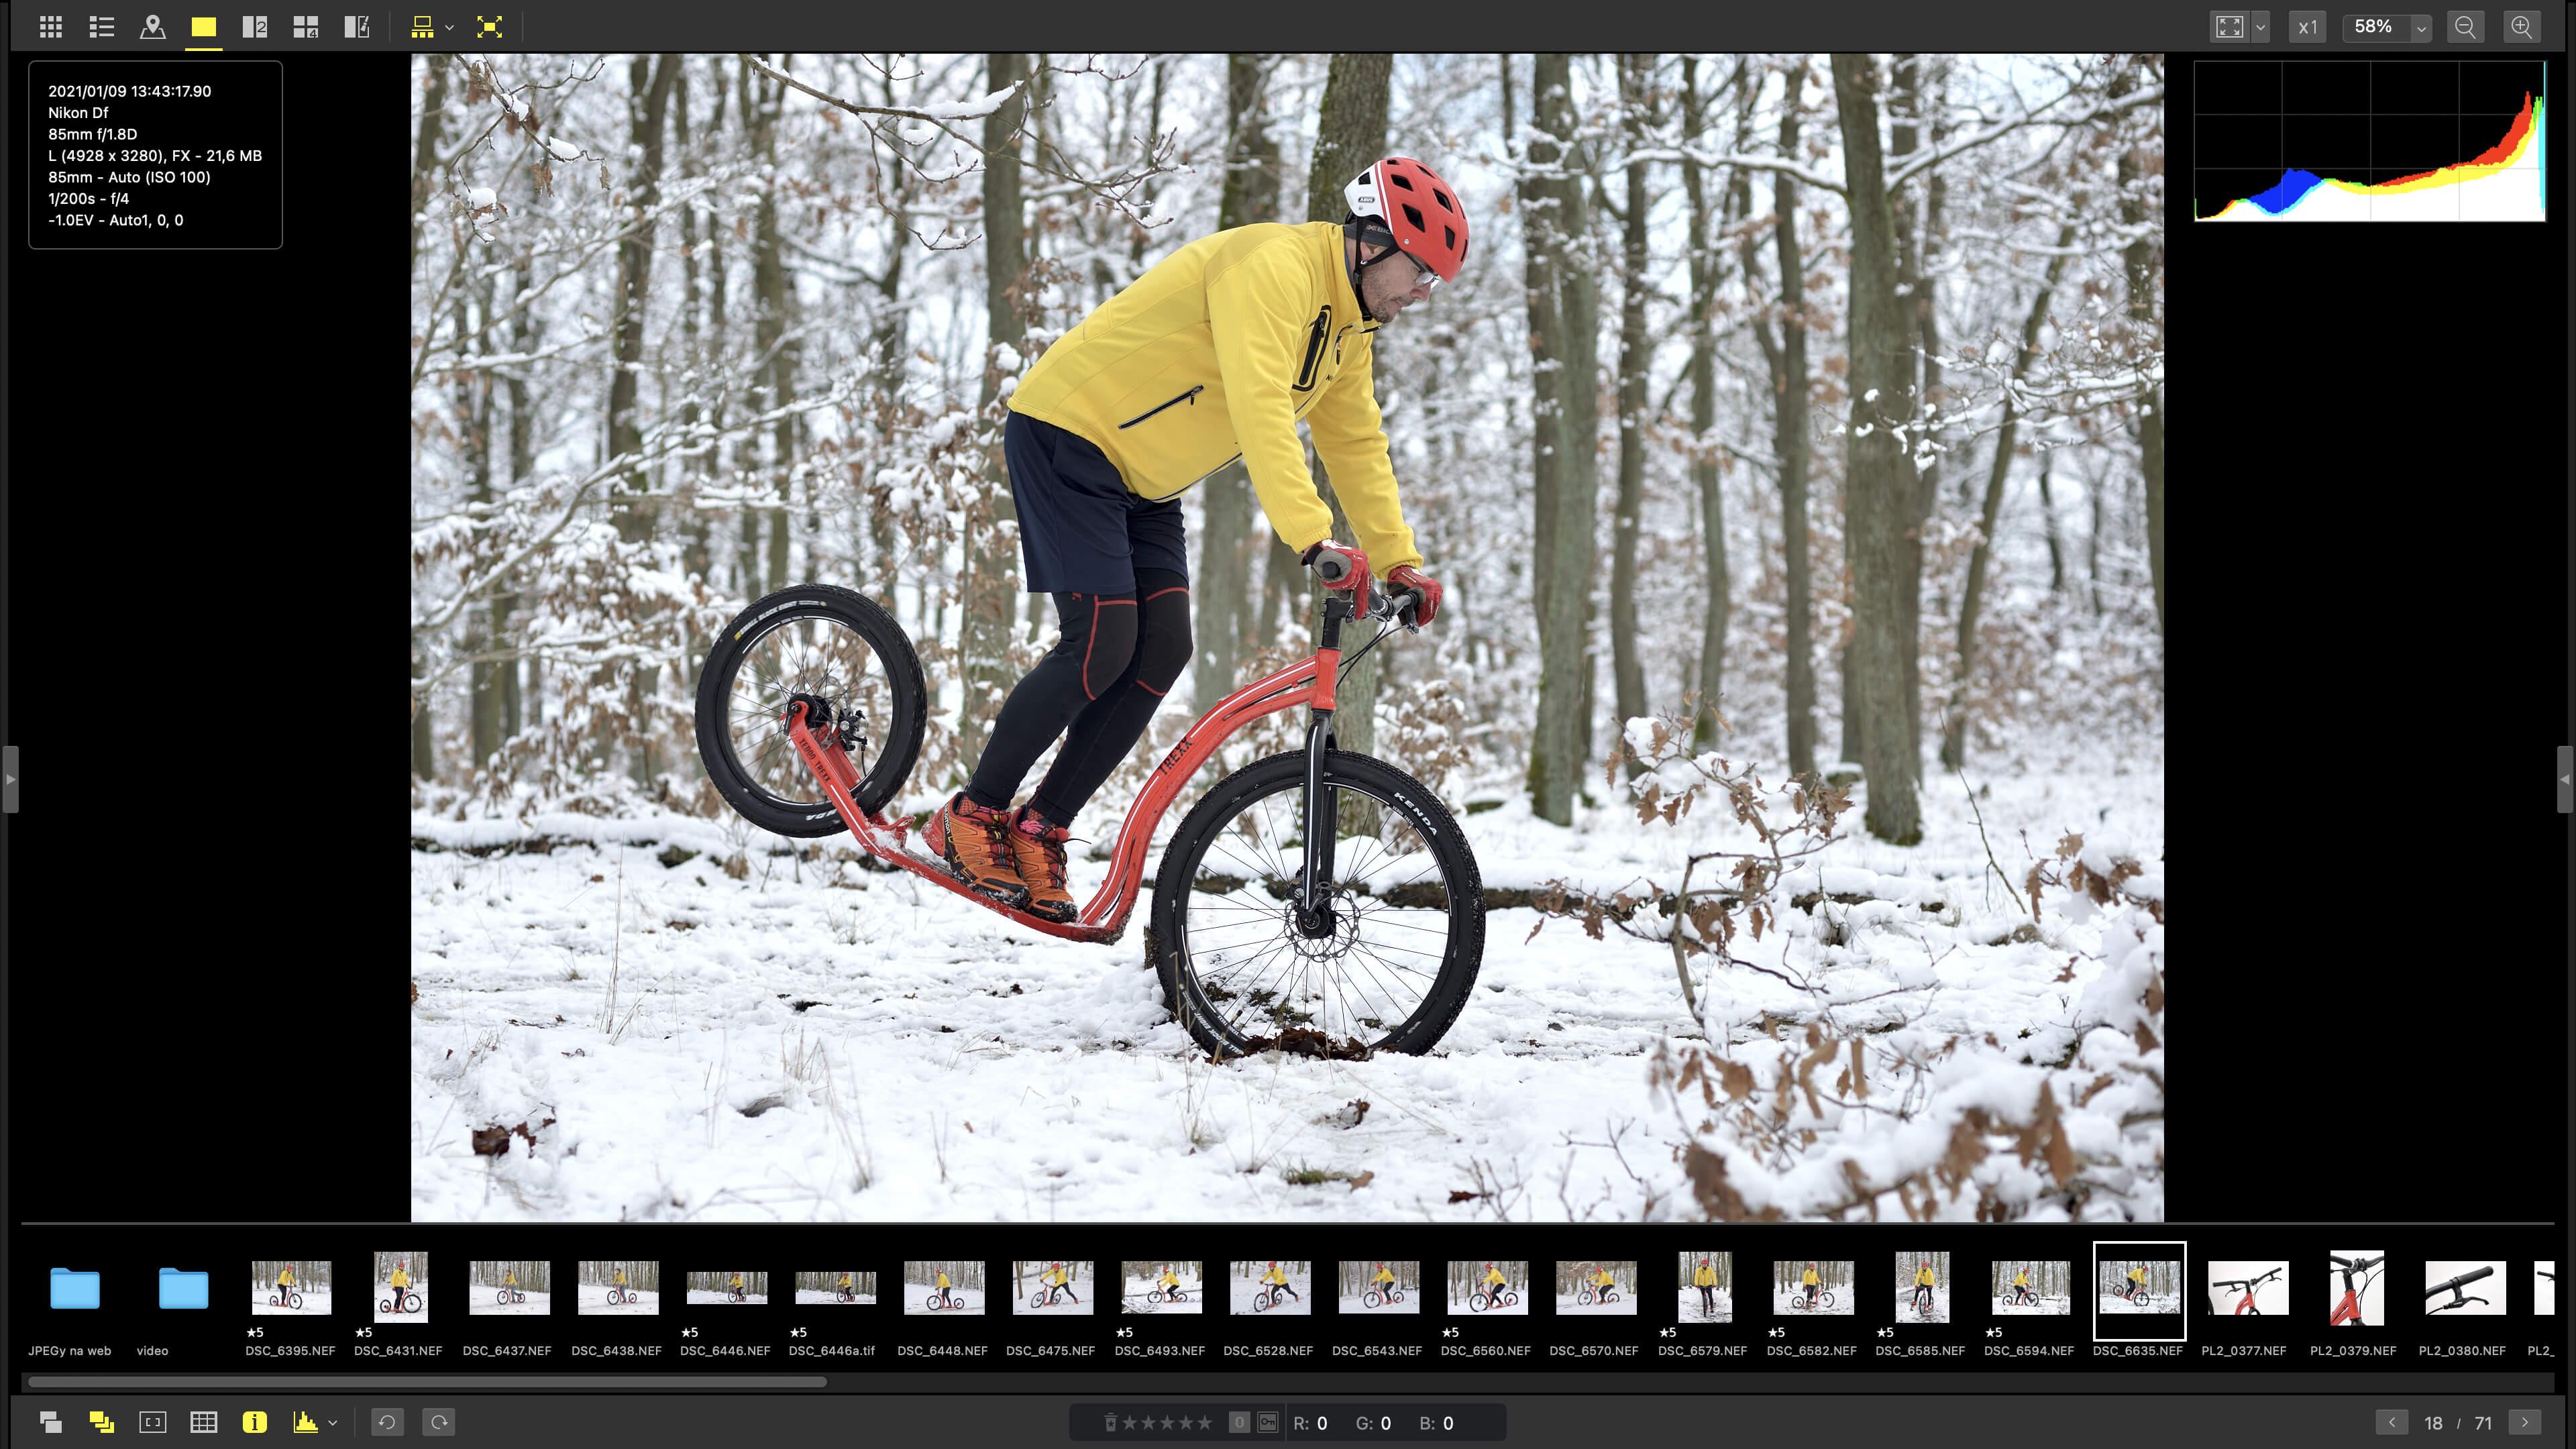 Celoobrazovkový náhled NX Studia se zapnutým filmstripem a zobrazením histogramu a základních informací. Vše jde vypnout, takže máte na monitoru jen čistou fotografii